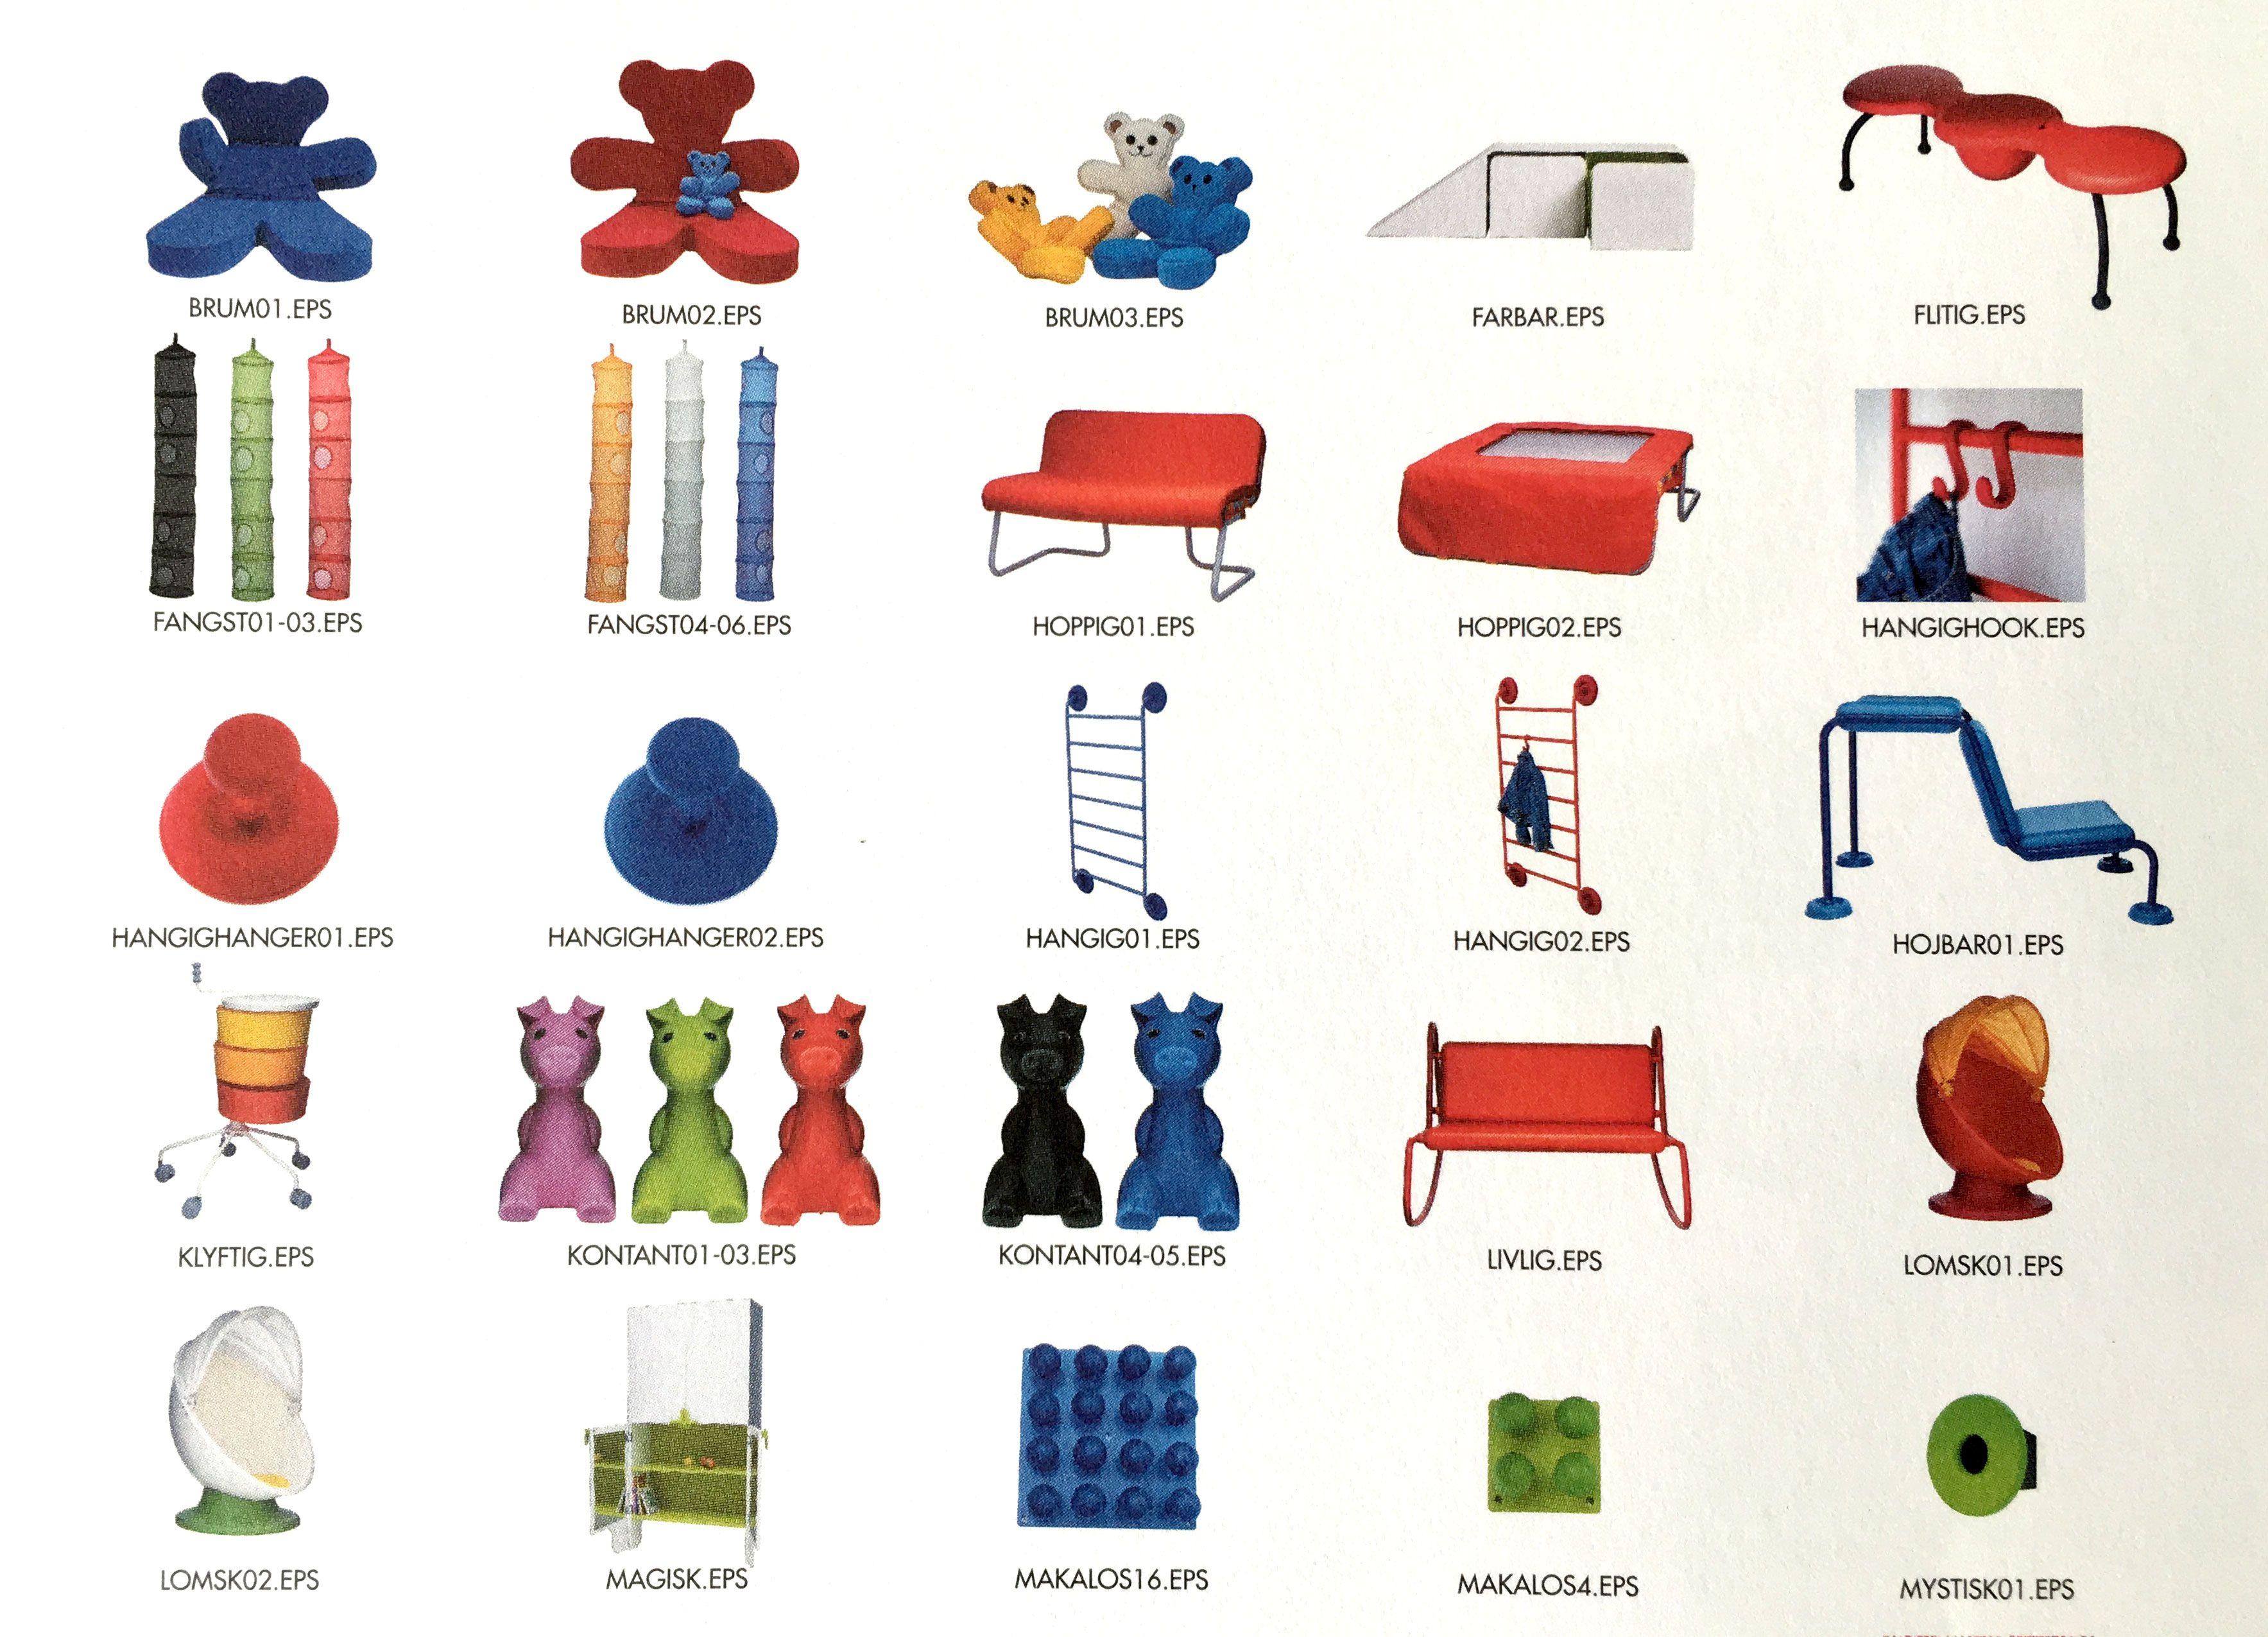 Kjaer-Global-IKEA-CMF-stragtegy